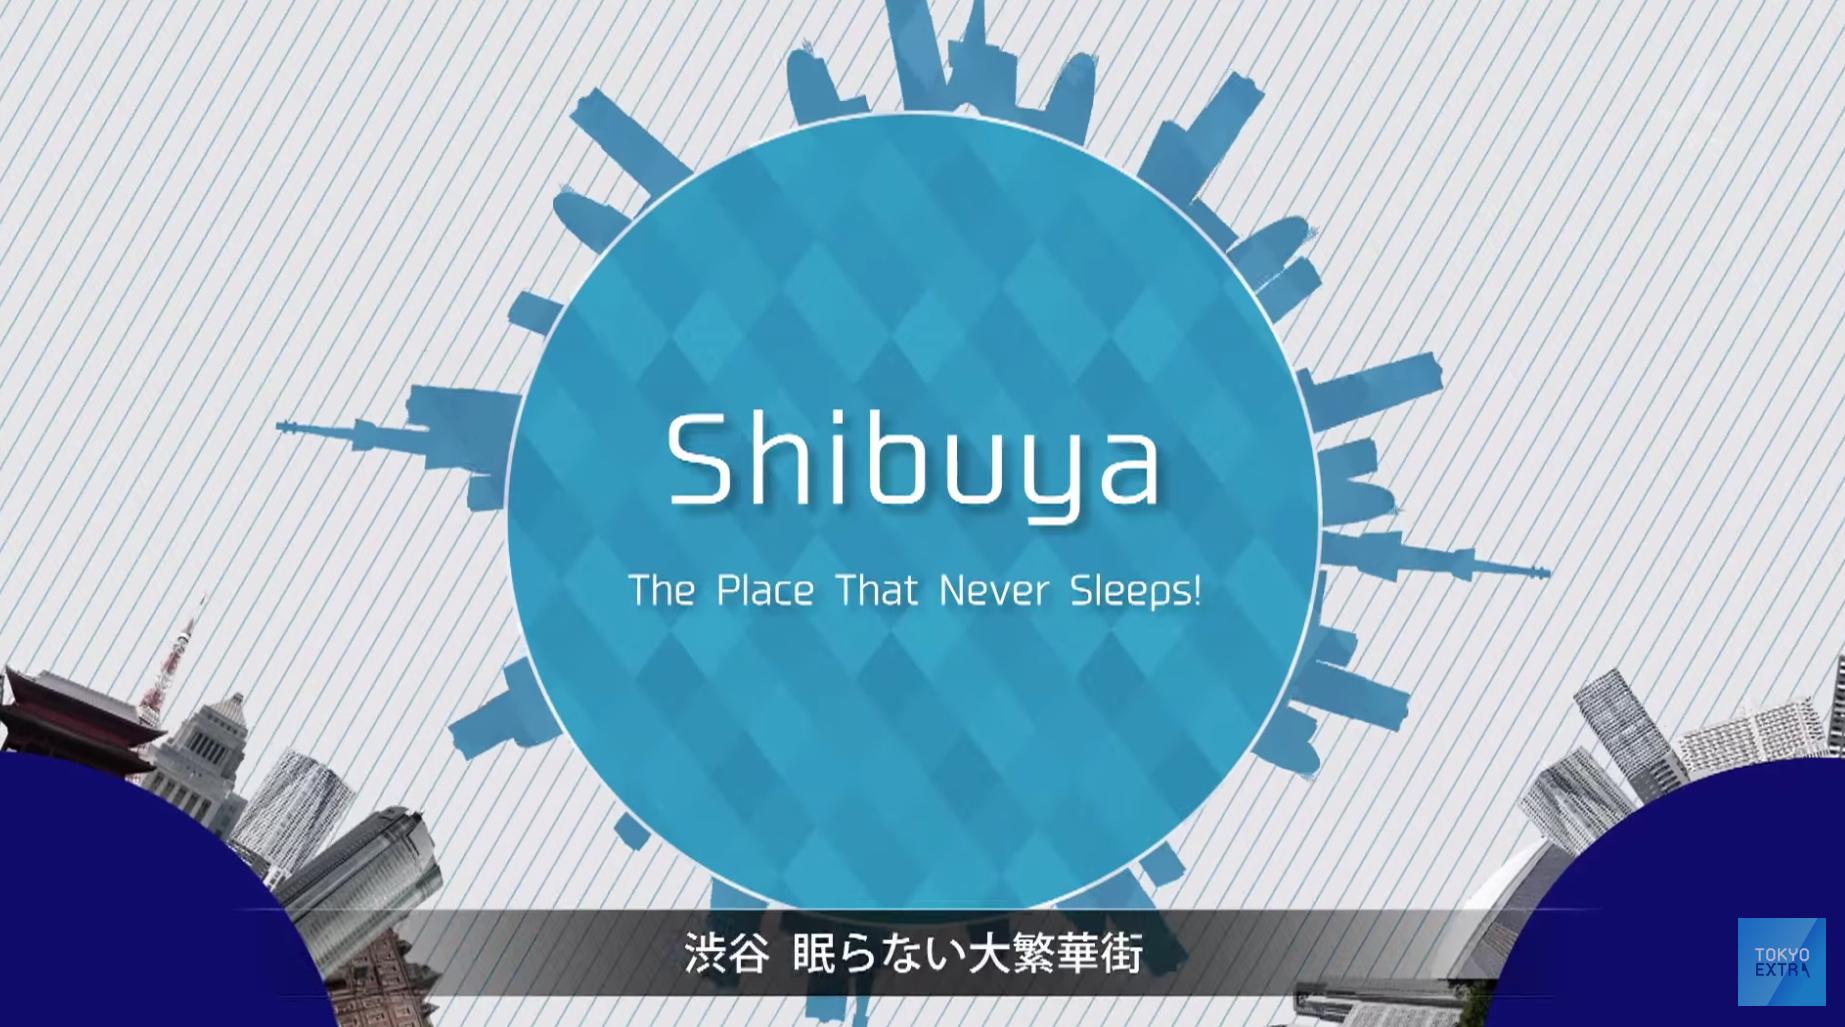 Tokyo Extra Shibuya08